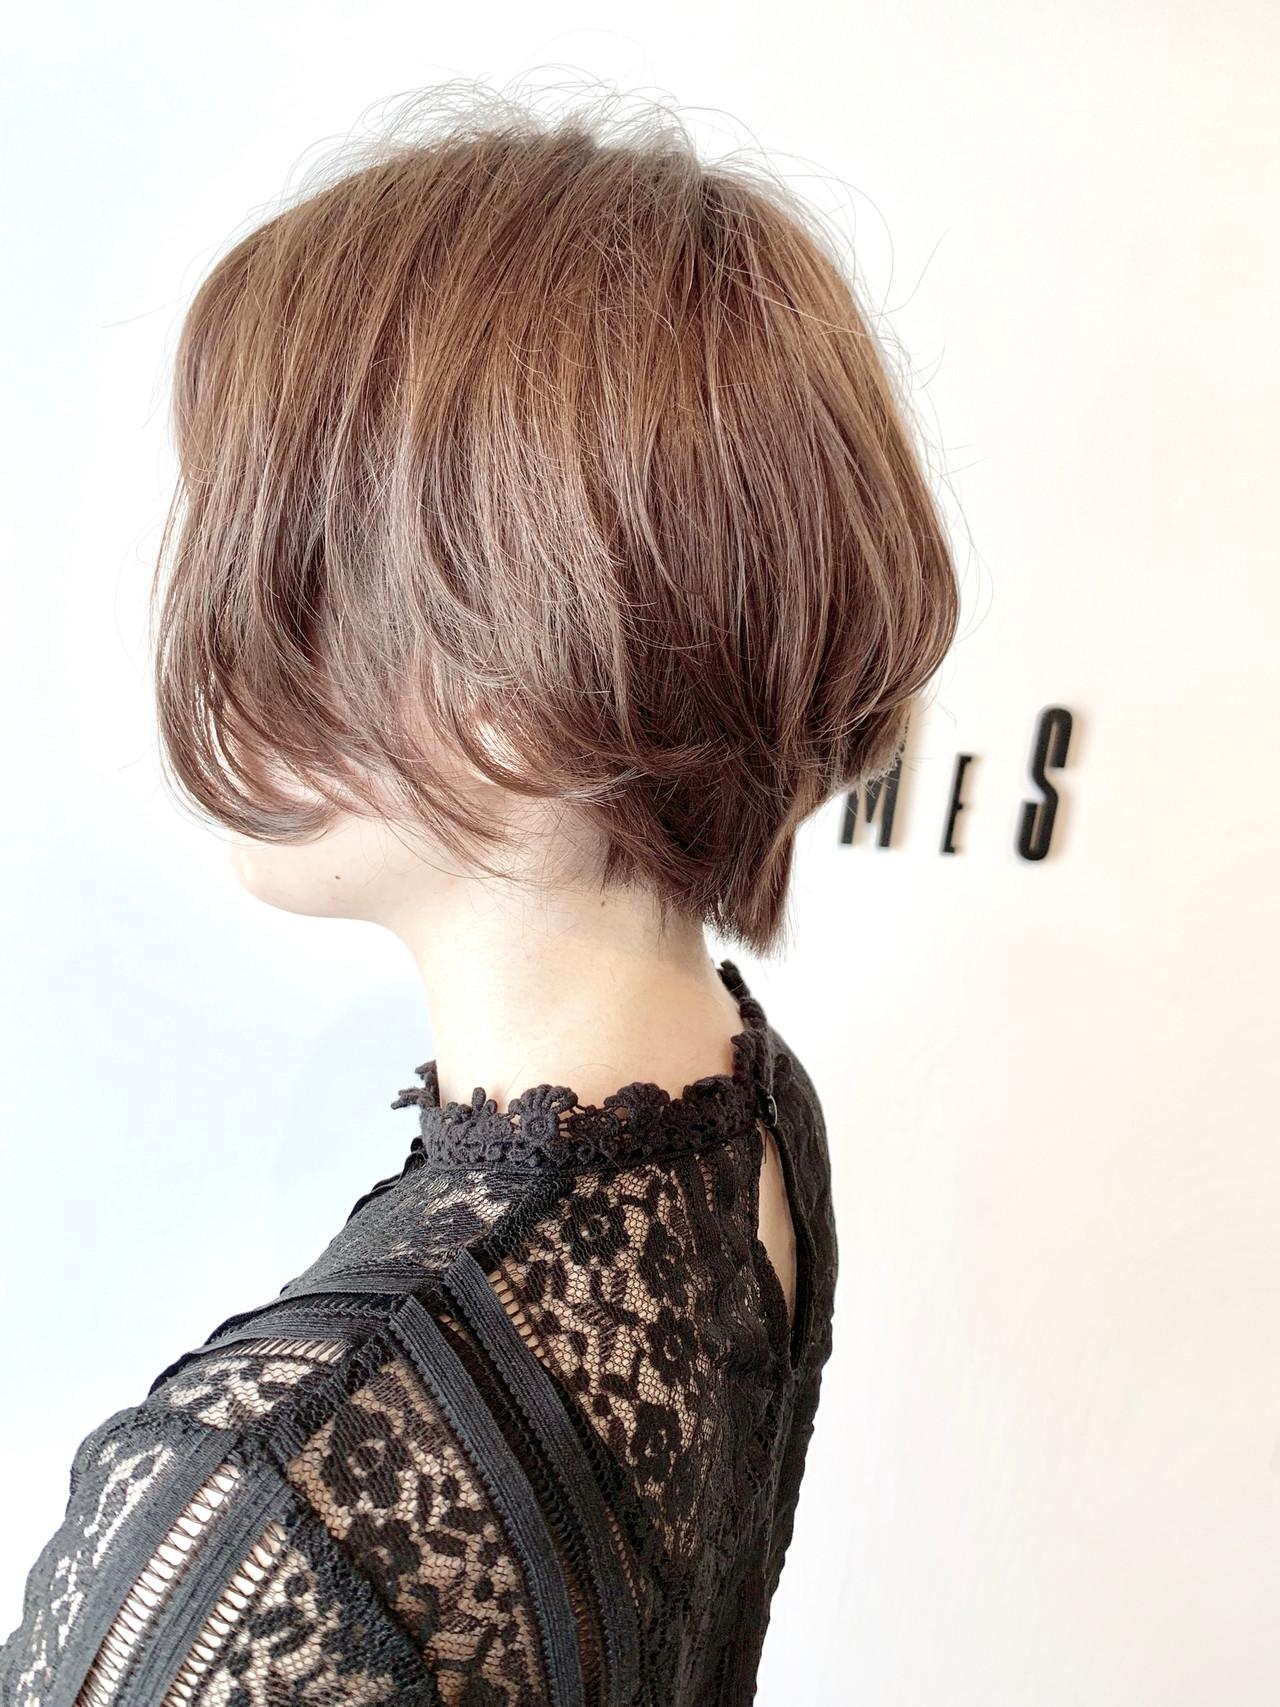 アッシュ ショート フェミニン 大人可愛い ヘアスタイルや髪型の写真・画像